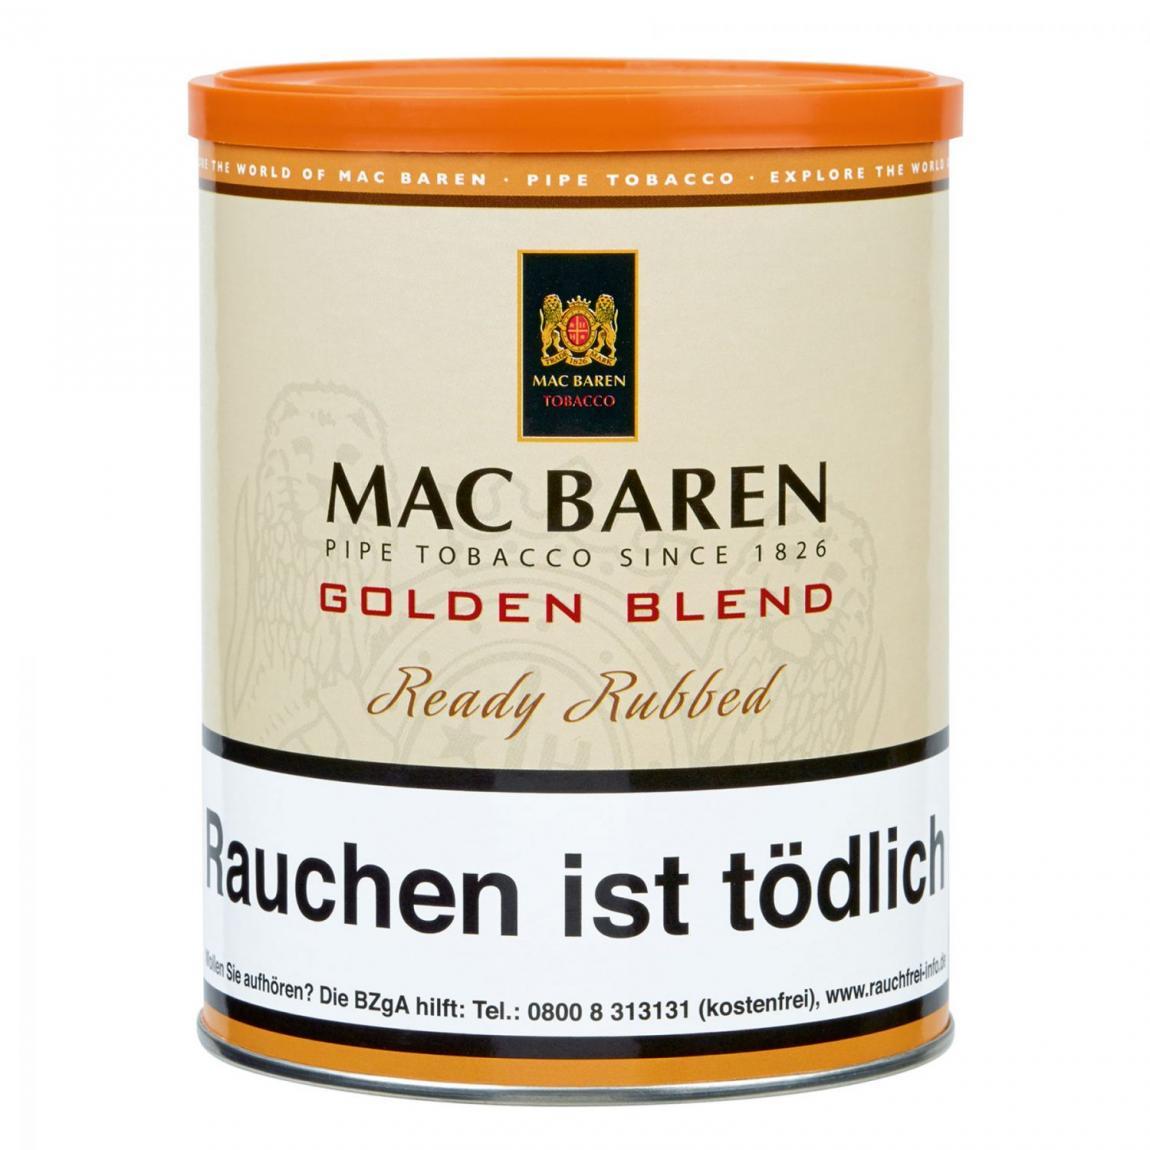 Mac Baren »Golden Blend« Ready Rubbed 250g Dose